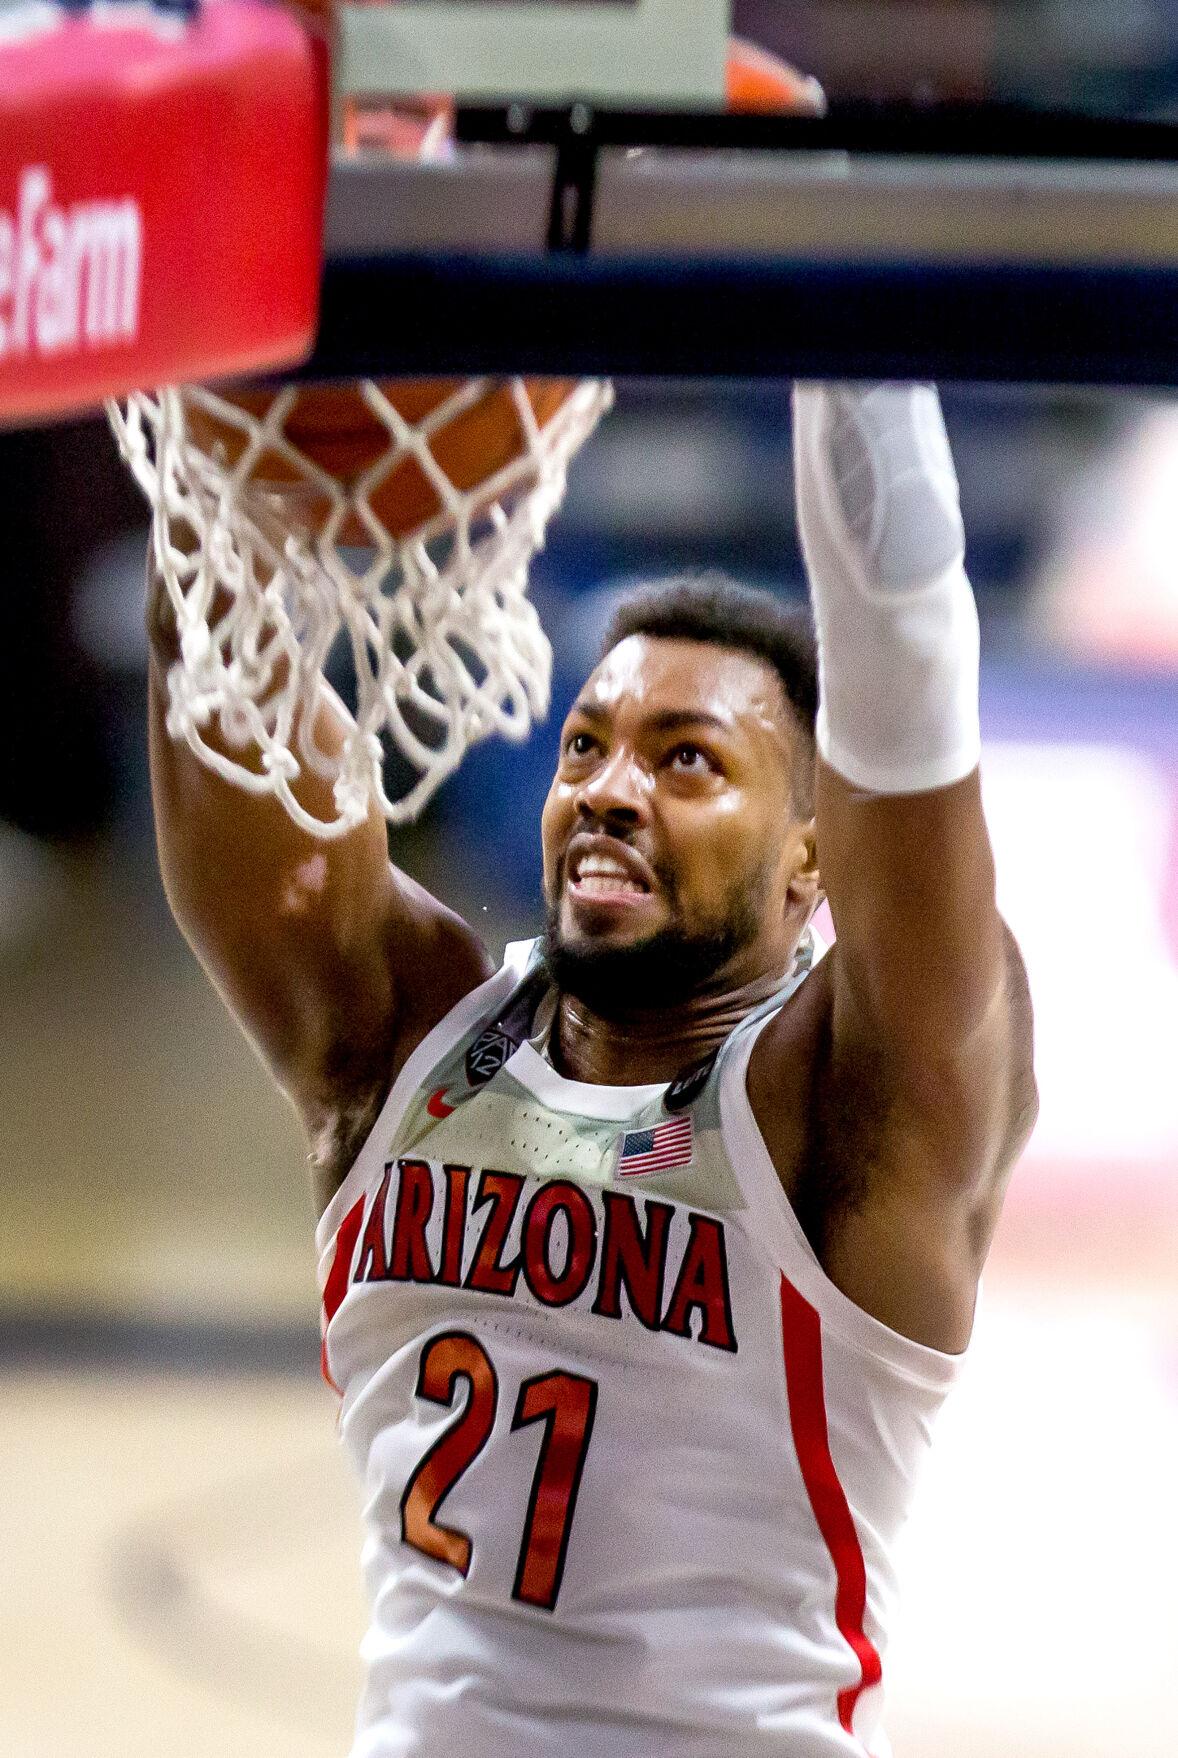 Channing Frye Arizona Wildcats Basketball Jersey-Navy